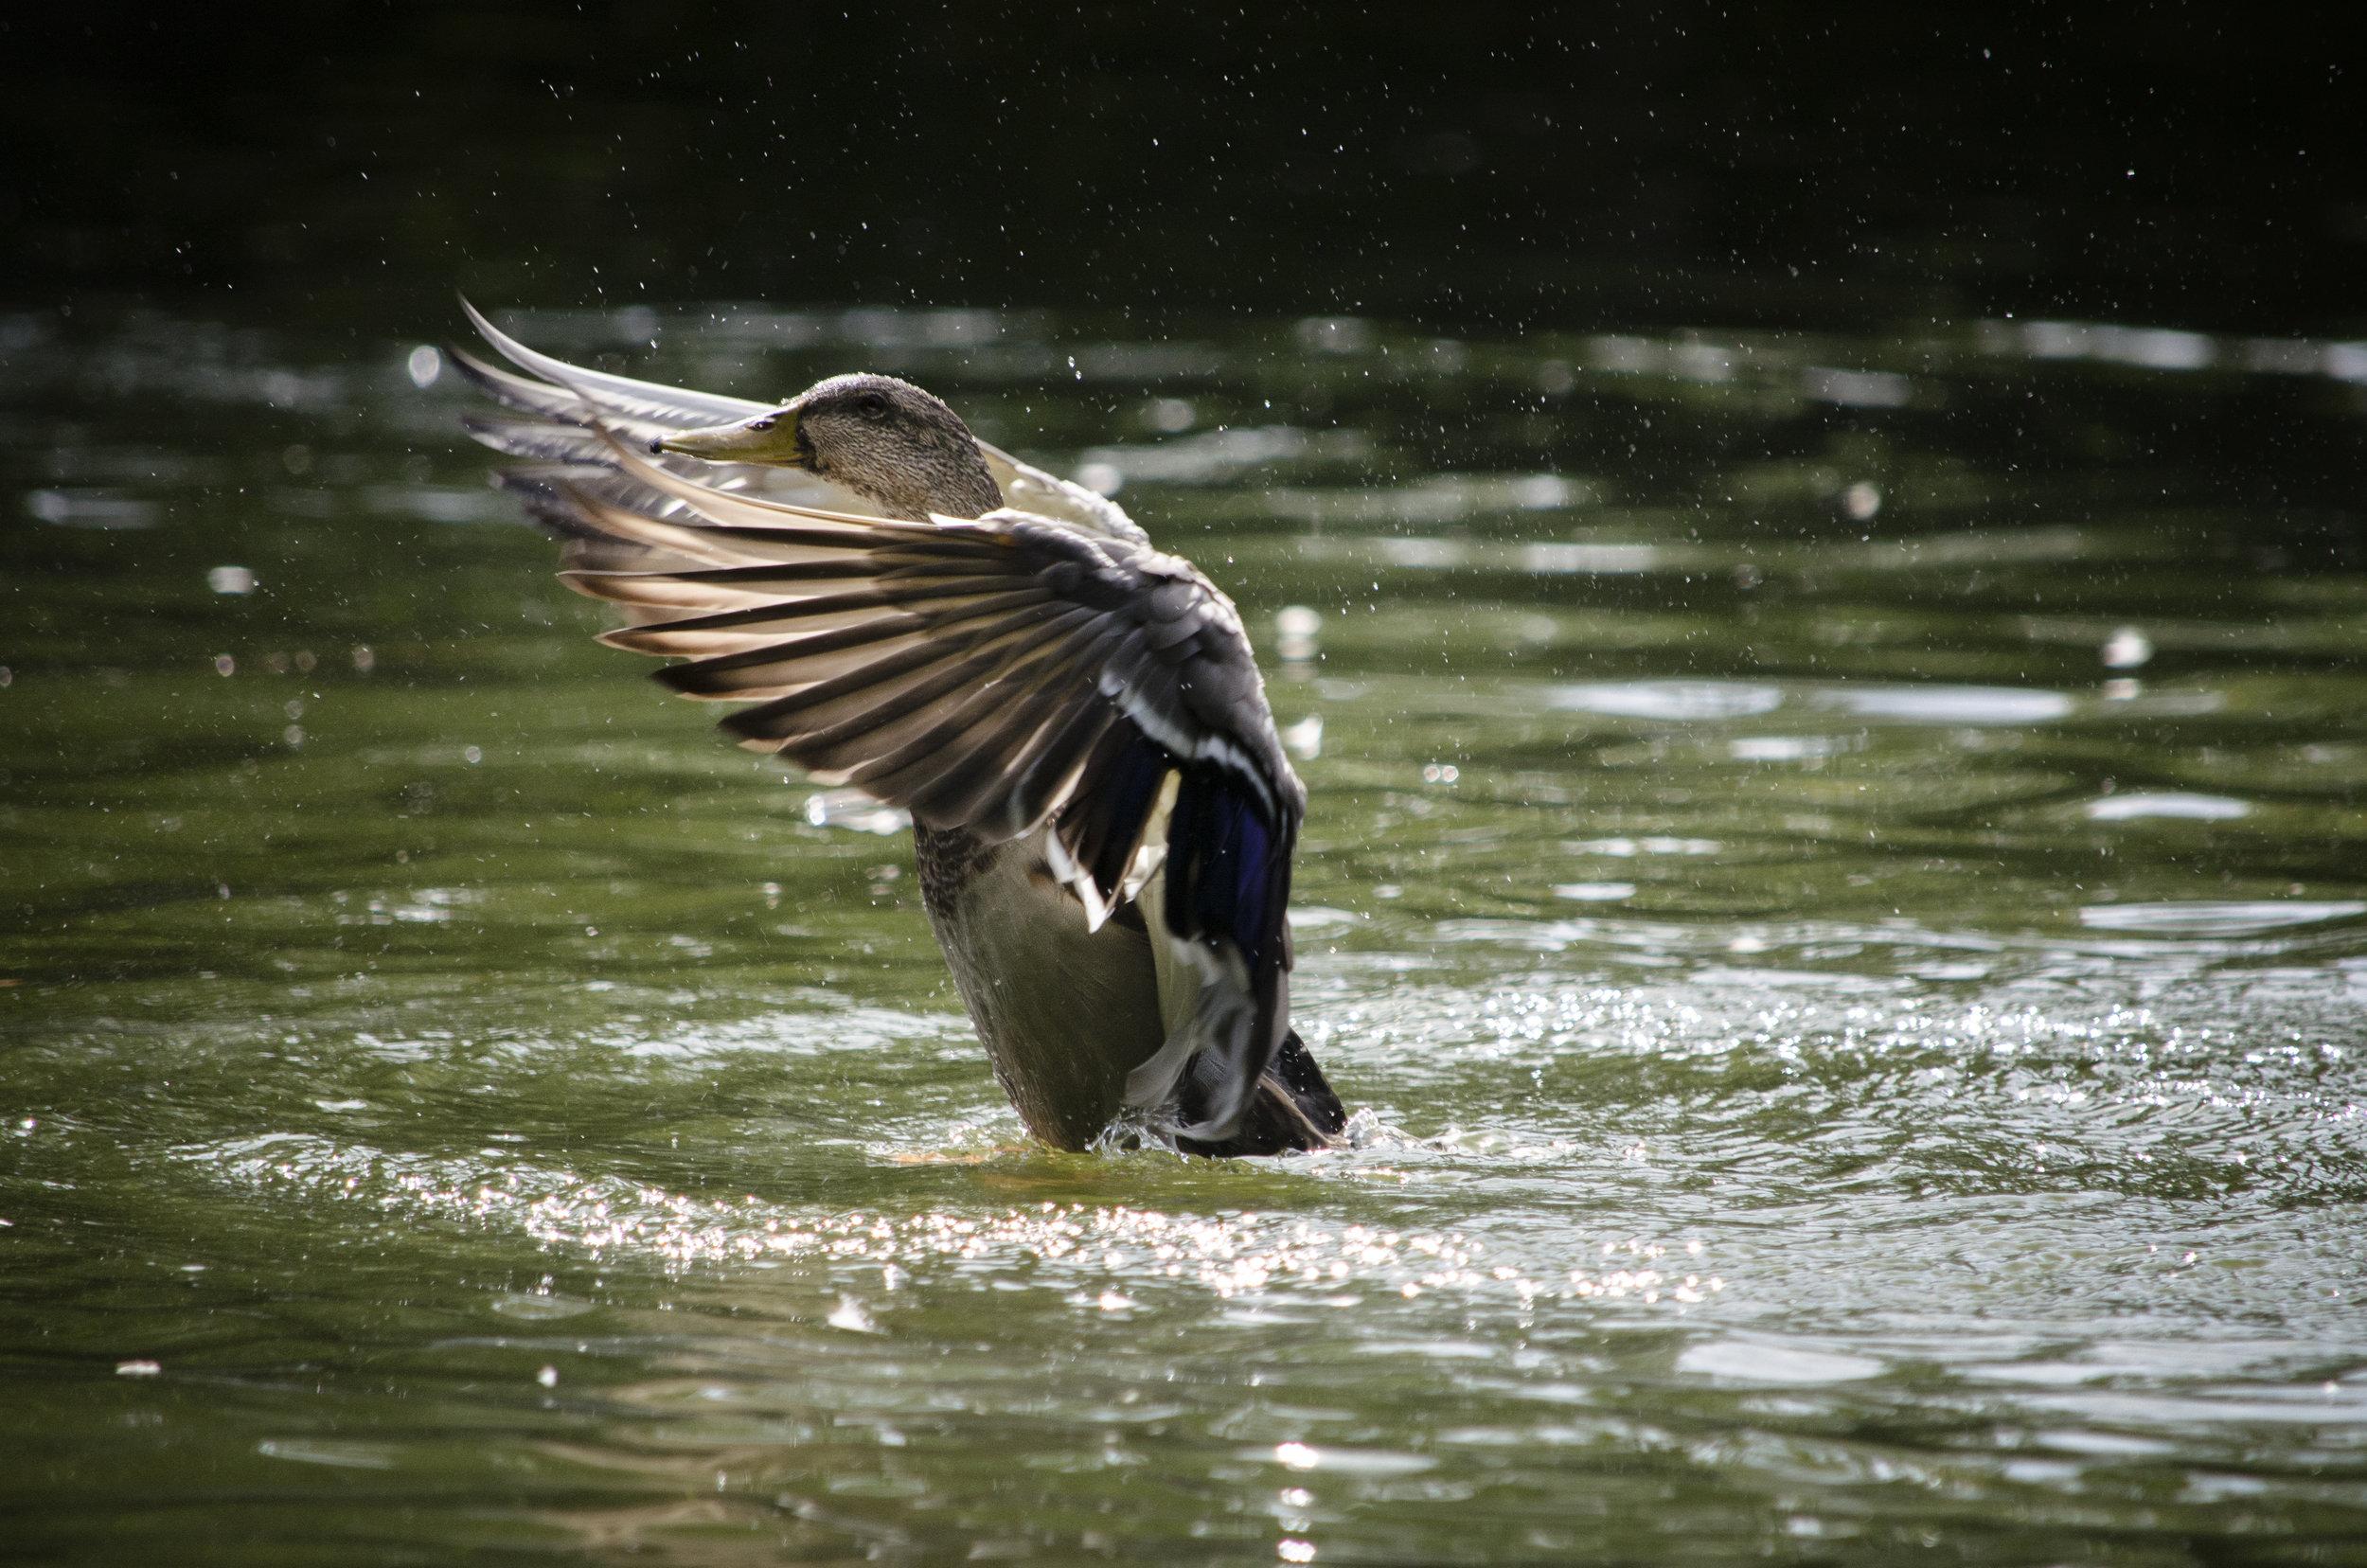 duck-pond-1_36885323882_o.jpg